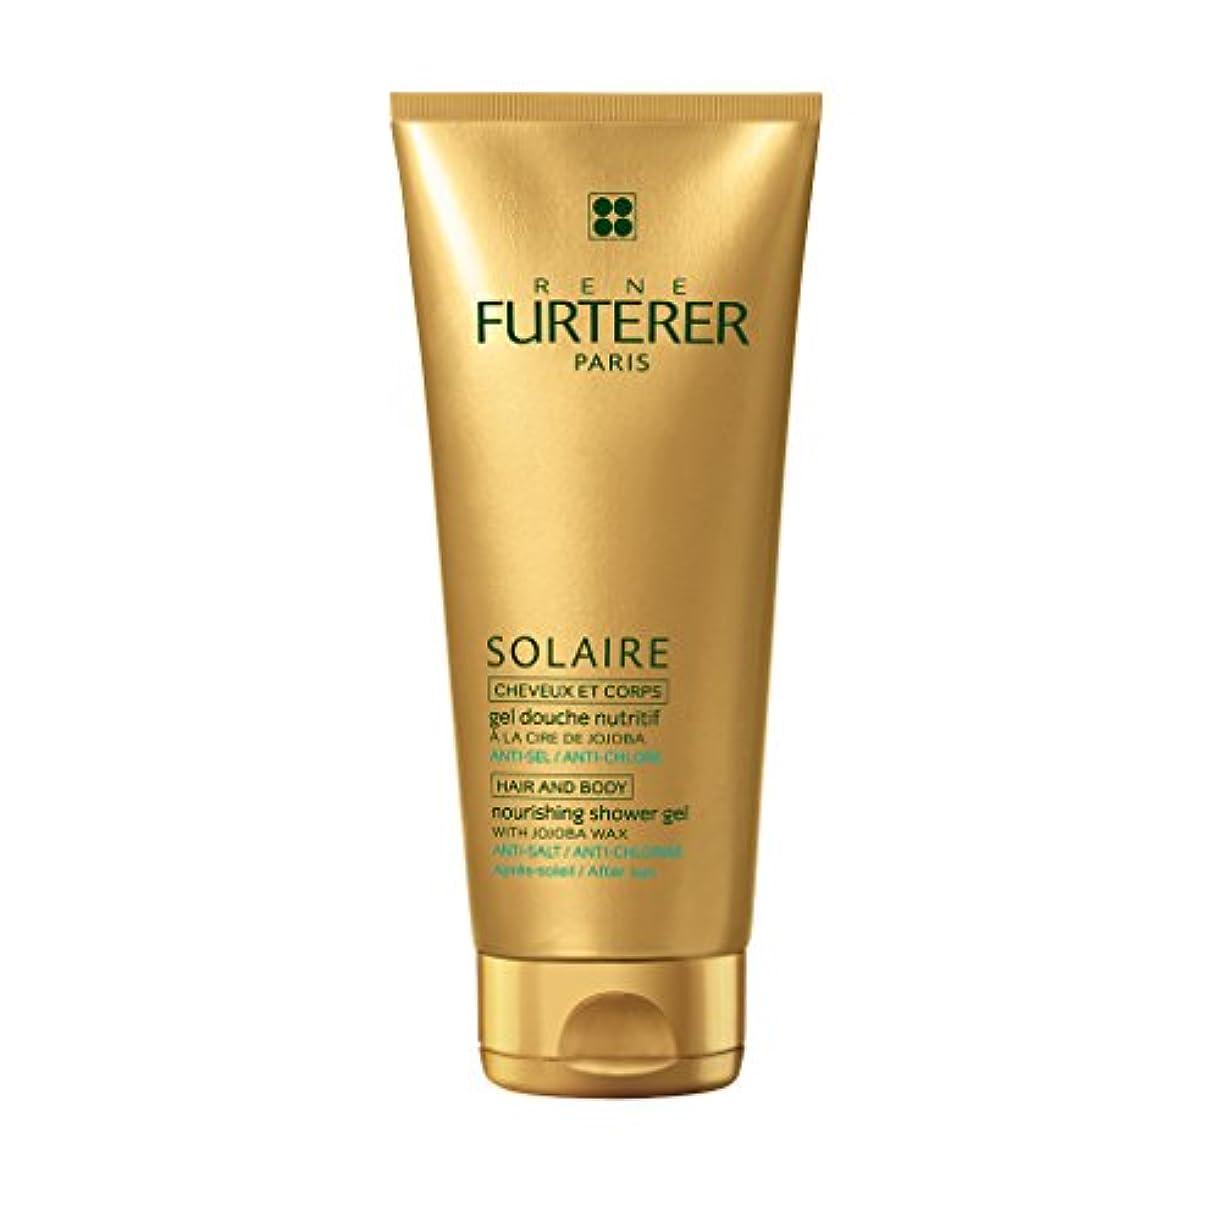 カレッジいとこ後ルネ フルトレール Solaire Nourishing Shower Gel with Jojoba Wax (Hair and Body) 200ml